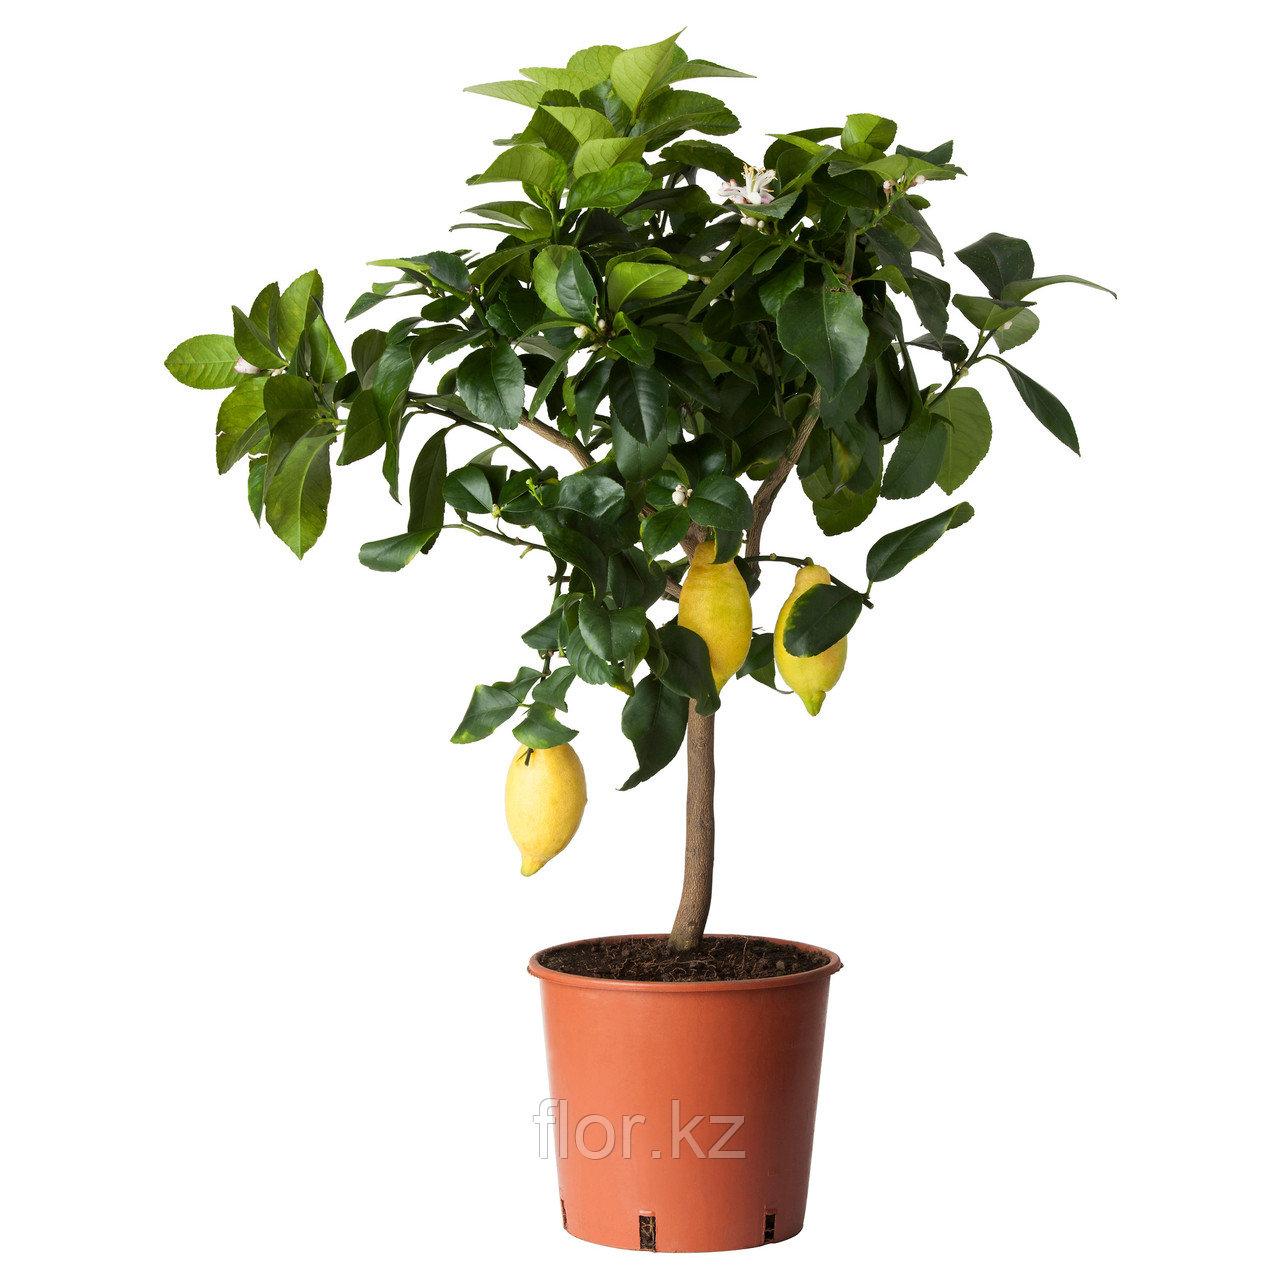 Лимонное дерево с плодами.